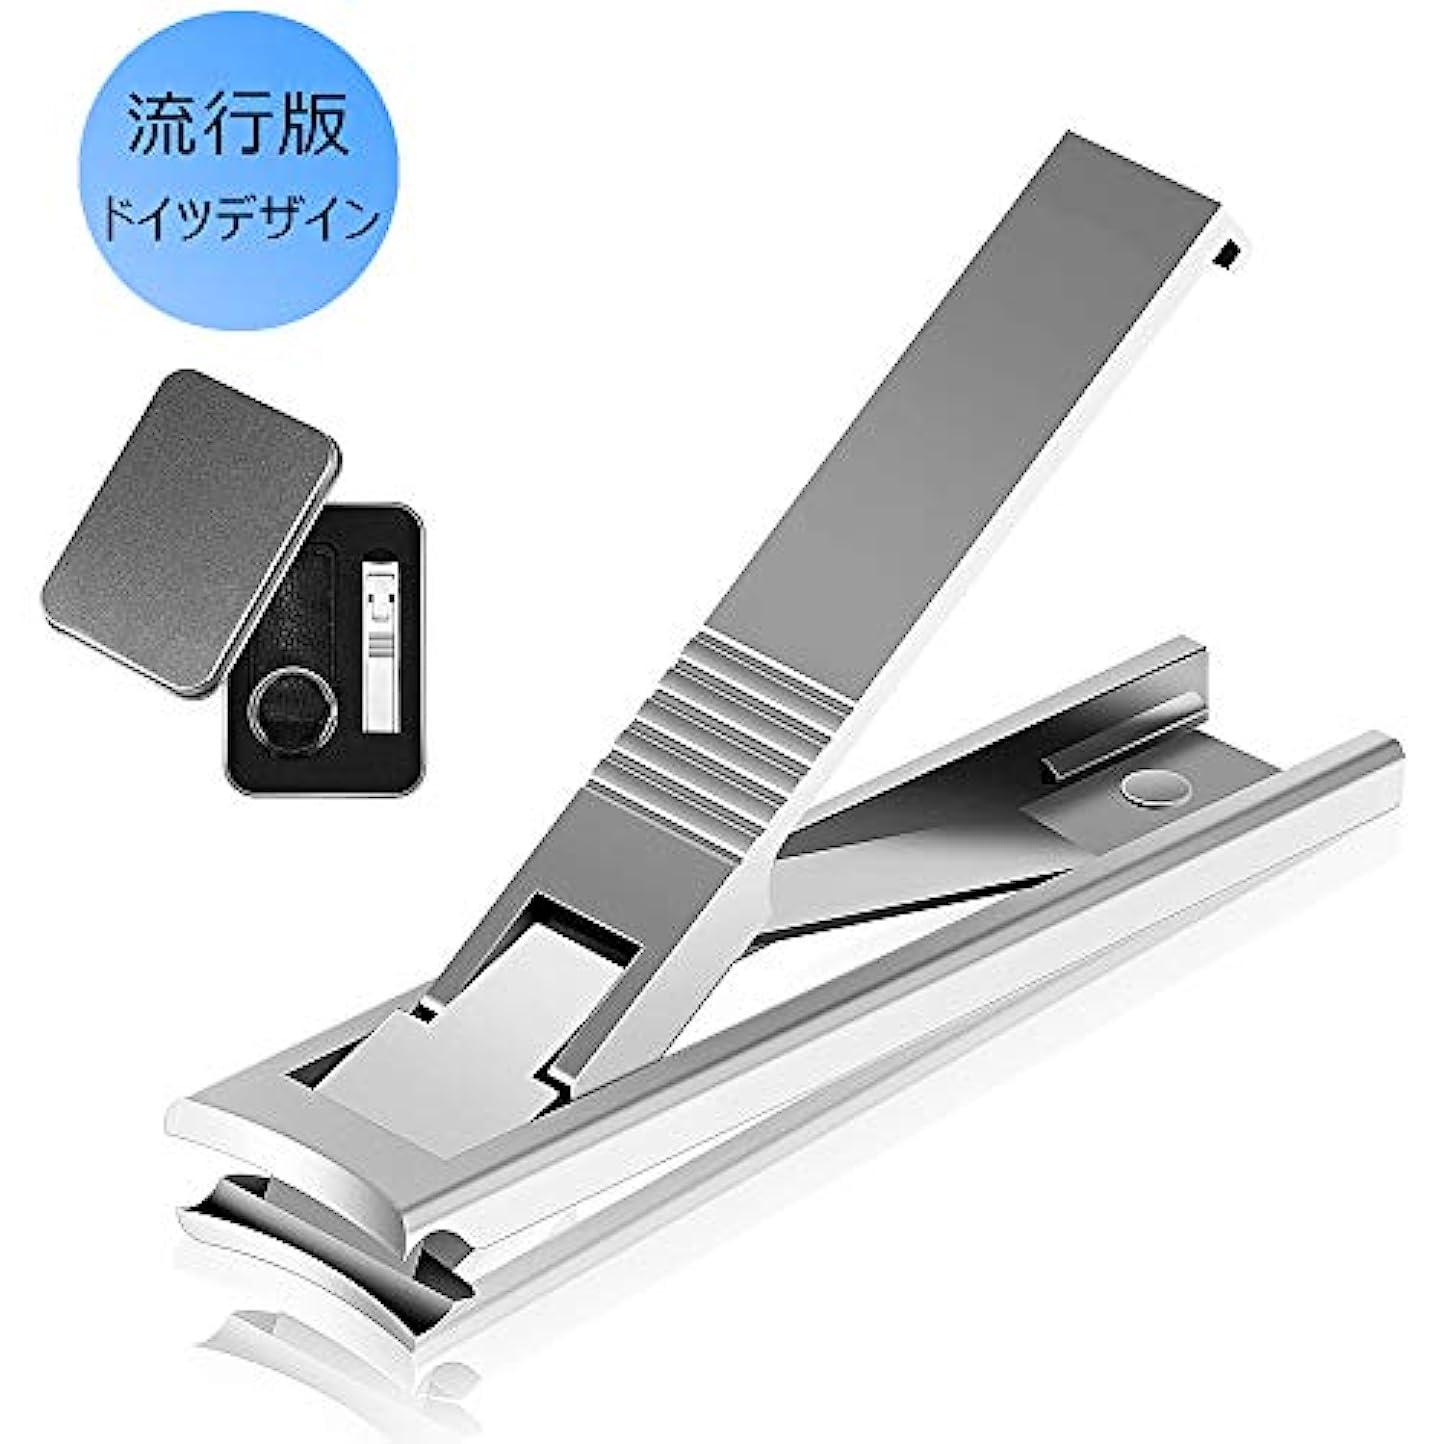 爪切り-LECDDL 革新的なデザイン 厚さ3.8mmの超薄型爪切り つめきり カバー付き ステンレス鋼製 人気 高級飛び散り防止爪切り レザー収納袋付き 持ち運びしやすい